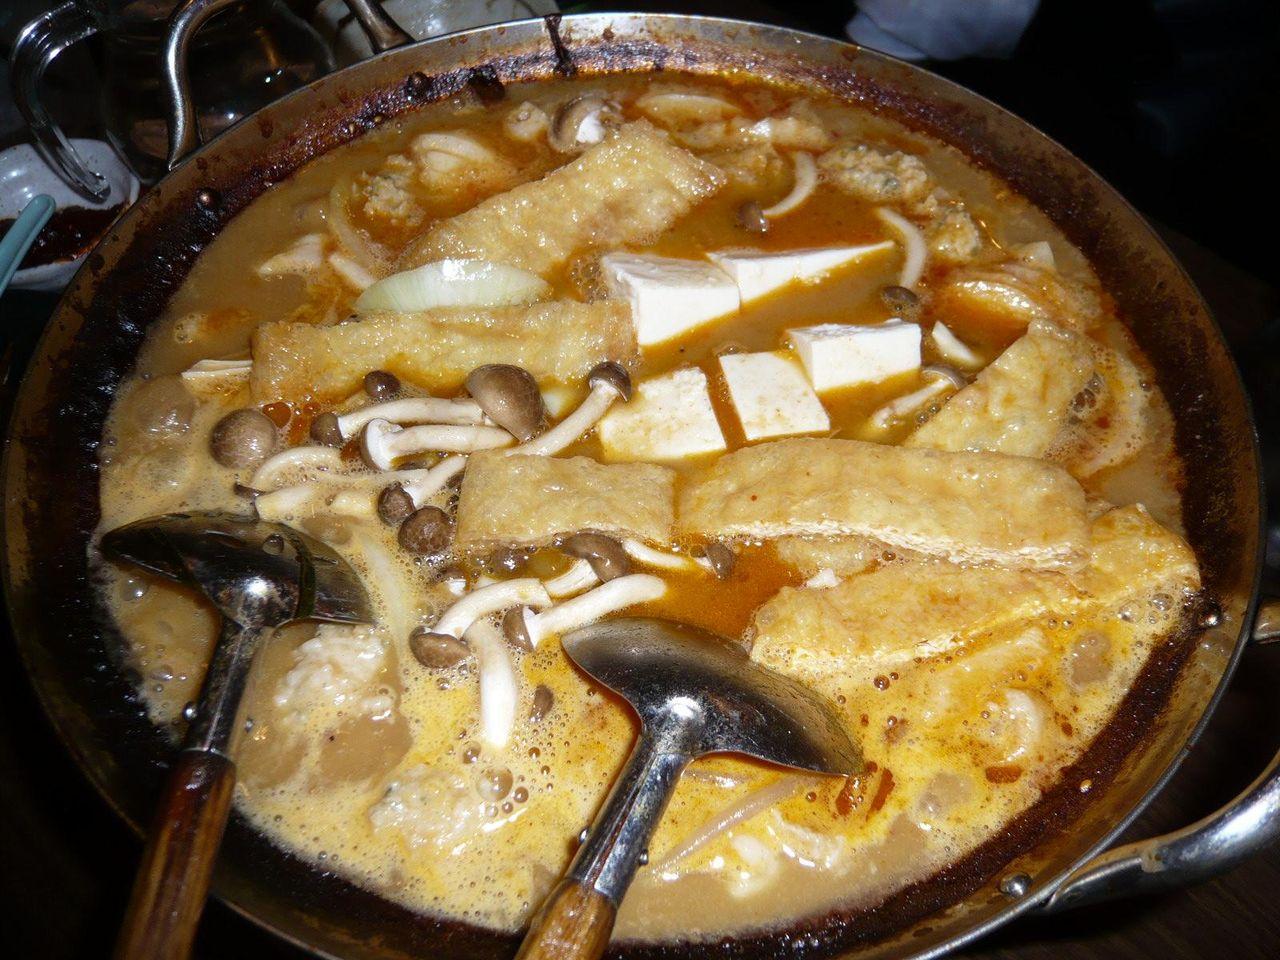 カプサイシンと具を追加すれば、ピリ辛鍋の出来上がり!